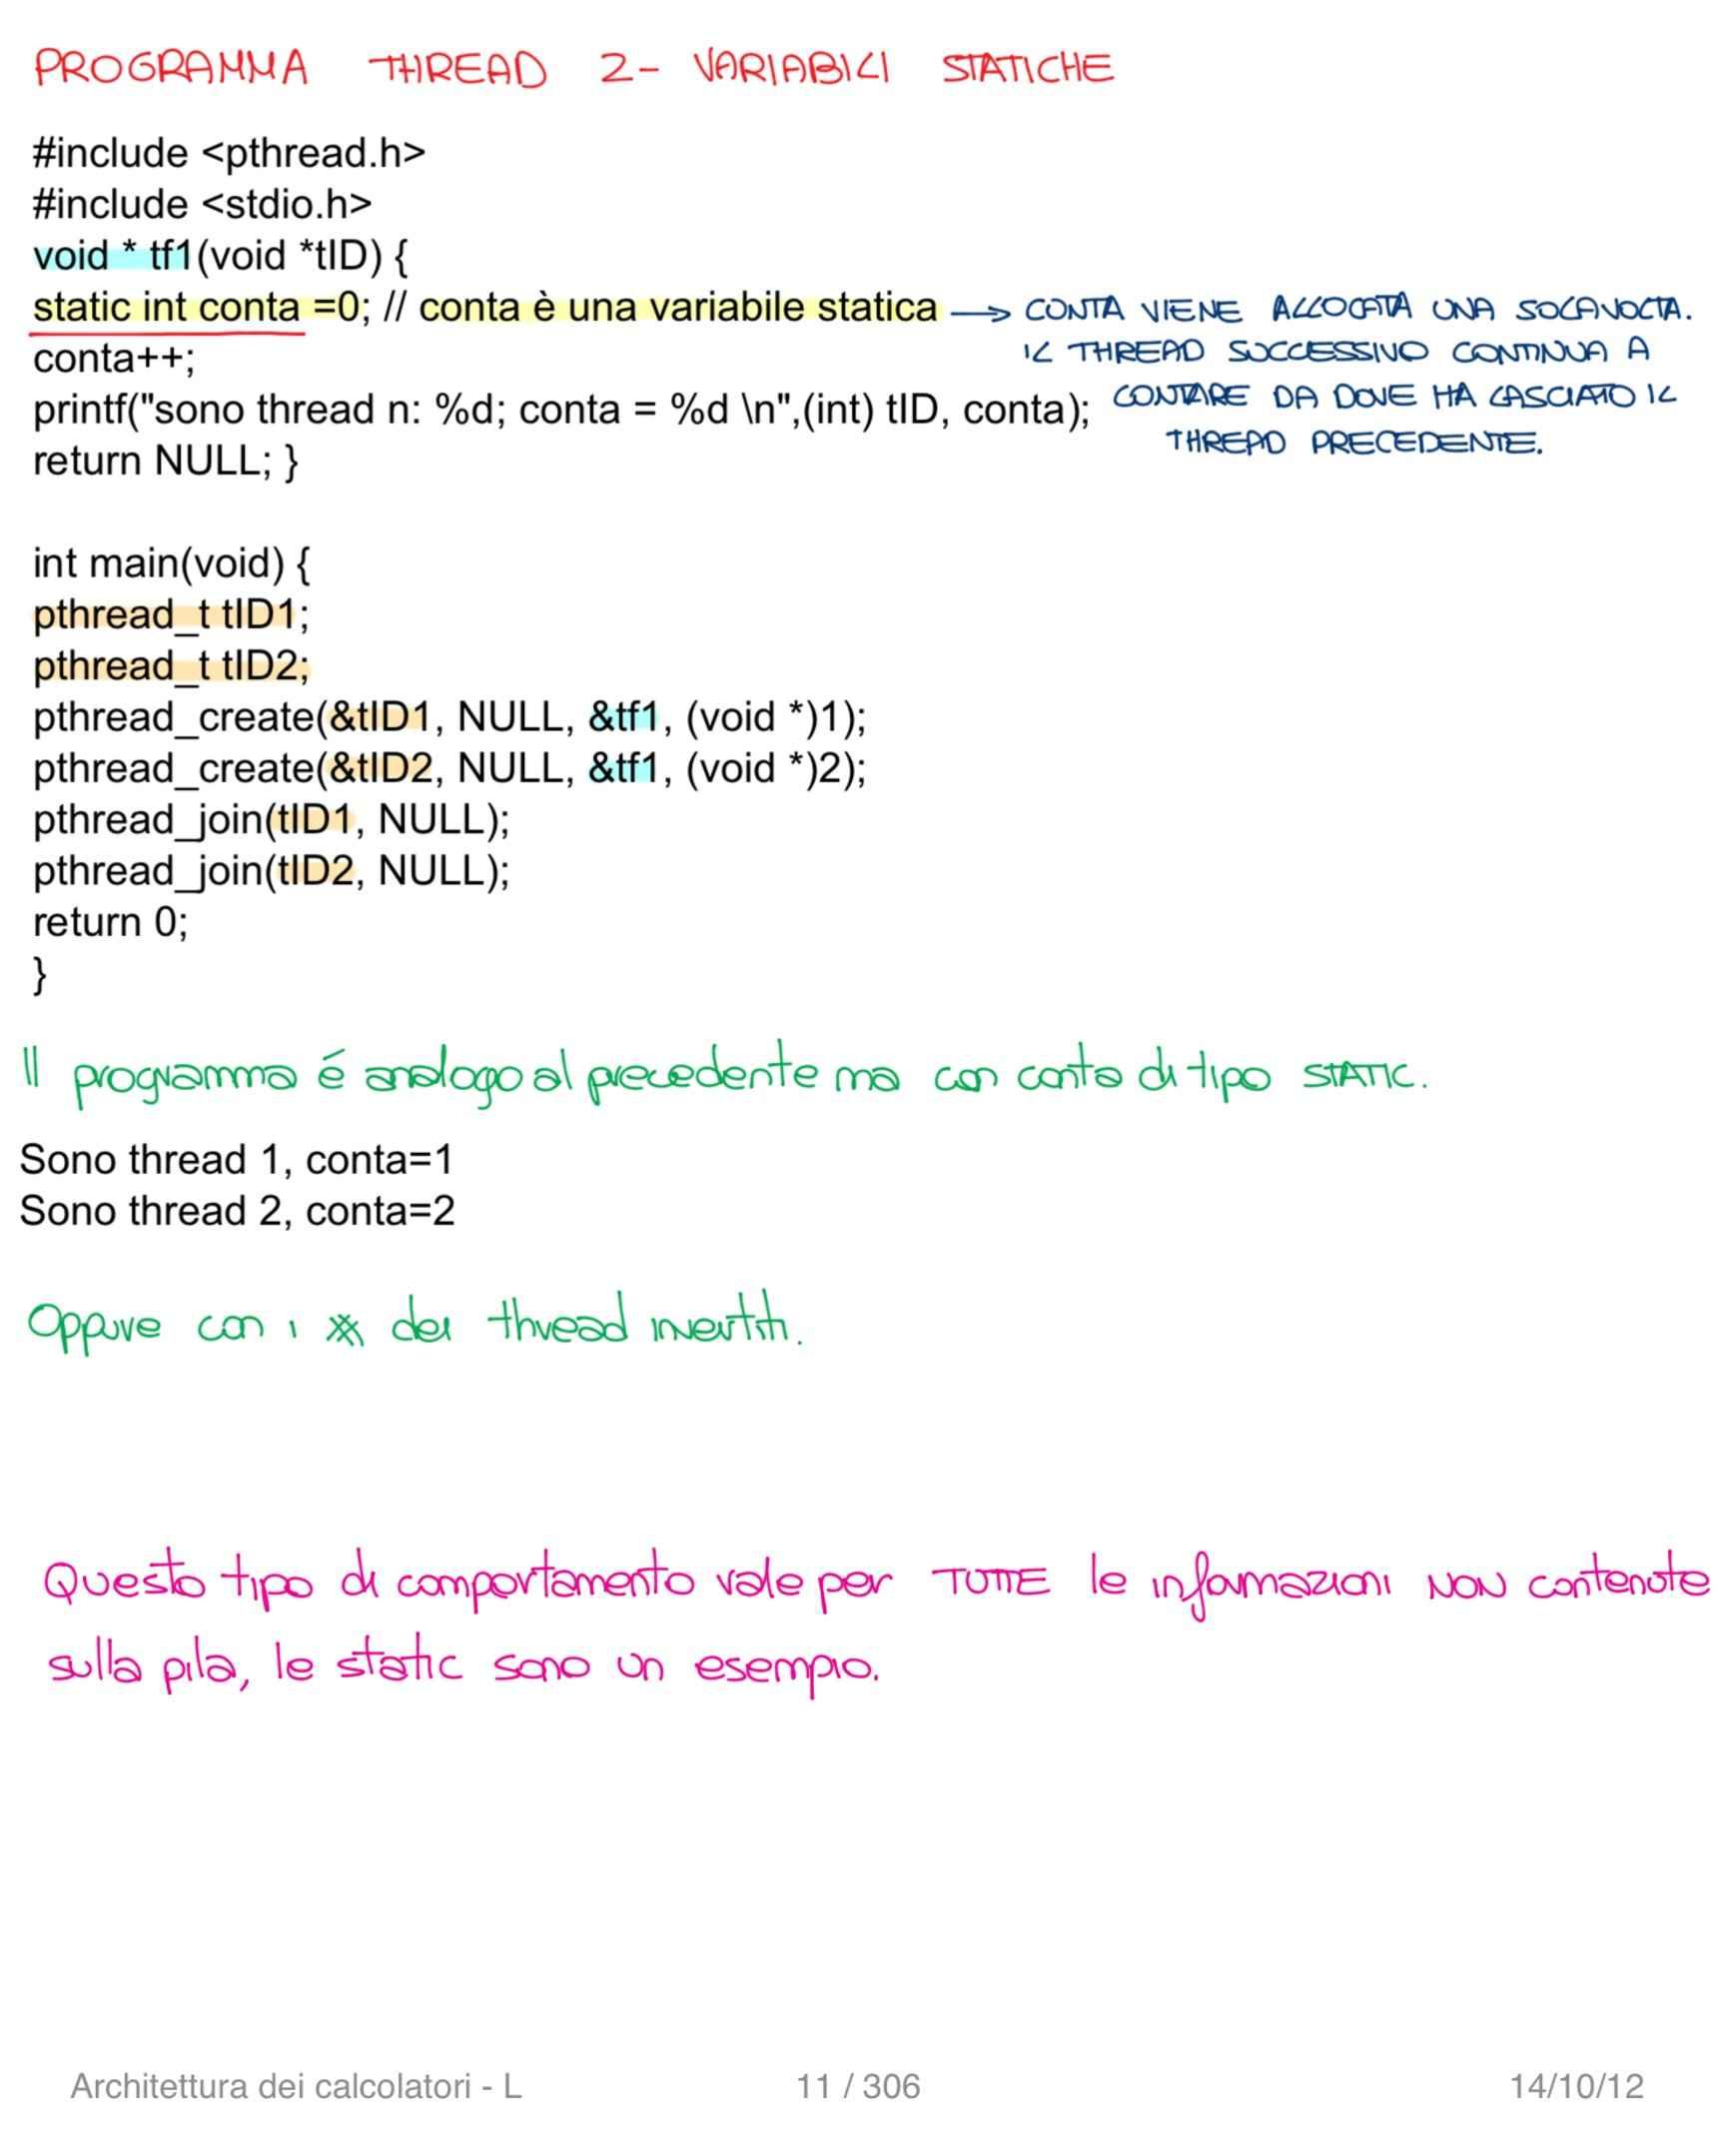 Architettura dei calcolatori e sistemi operativi - Appunti Pag. 11